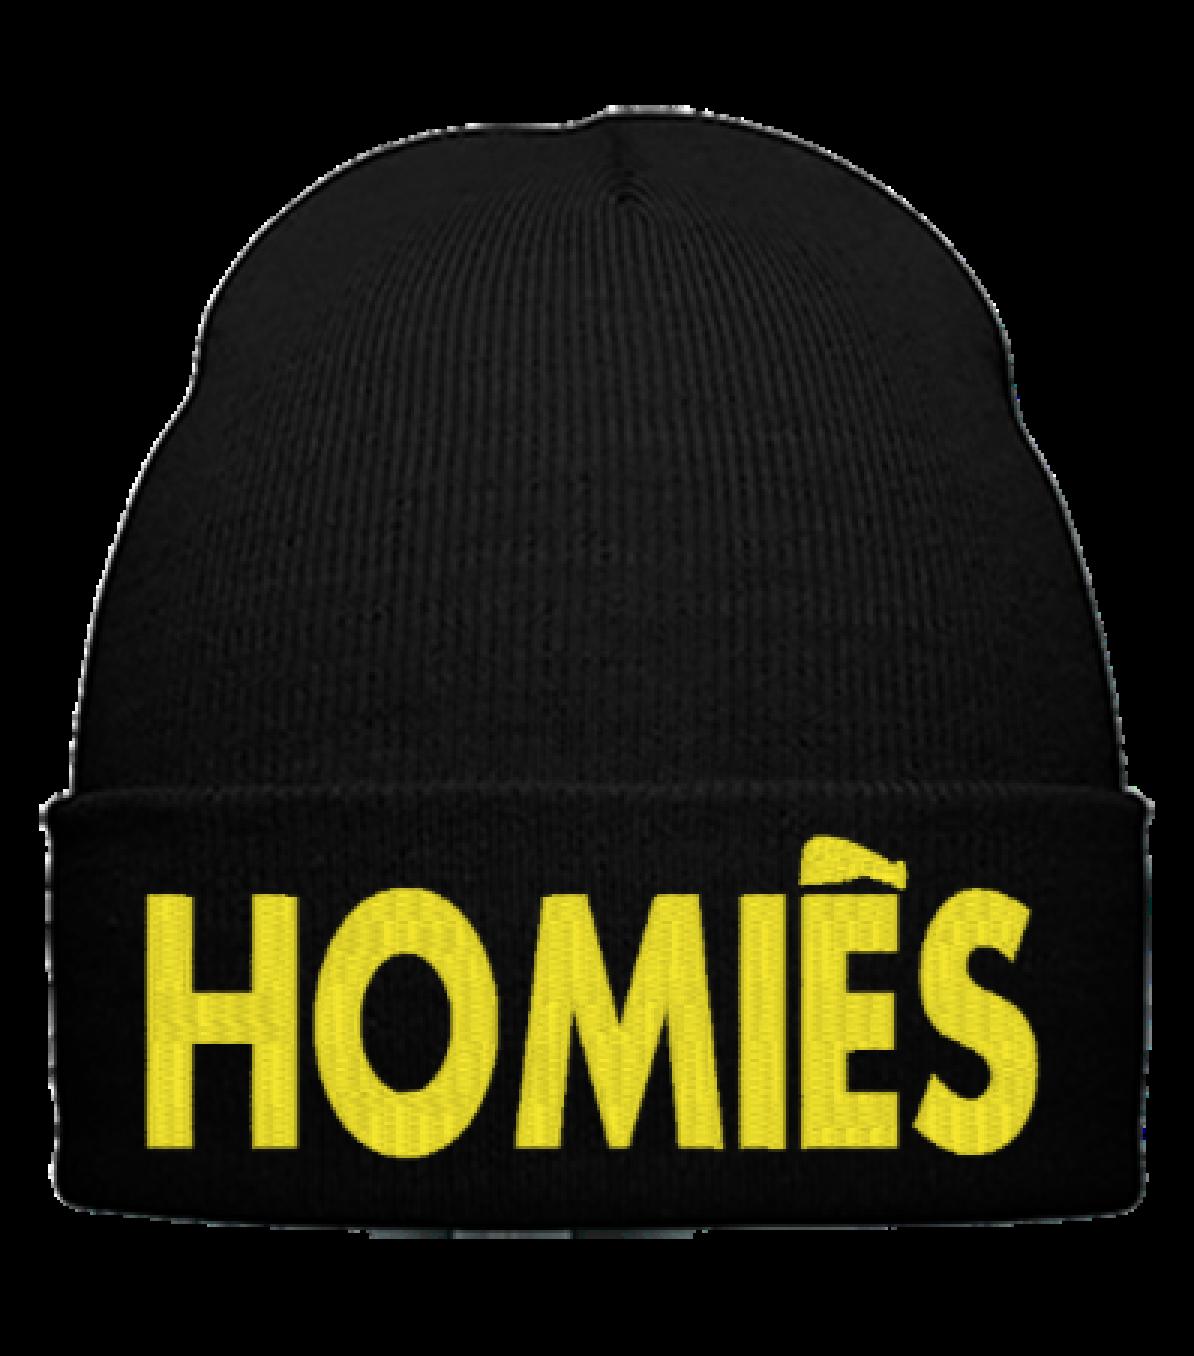 homies Beanie